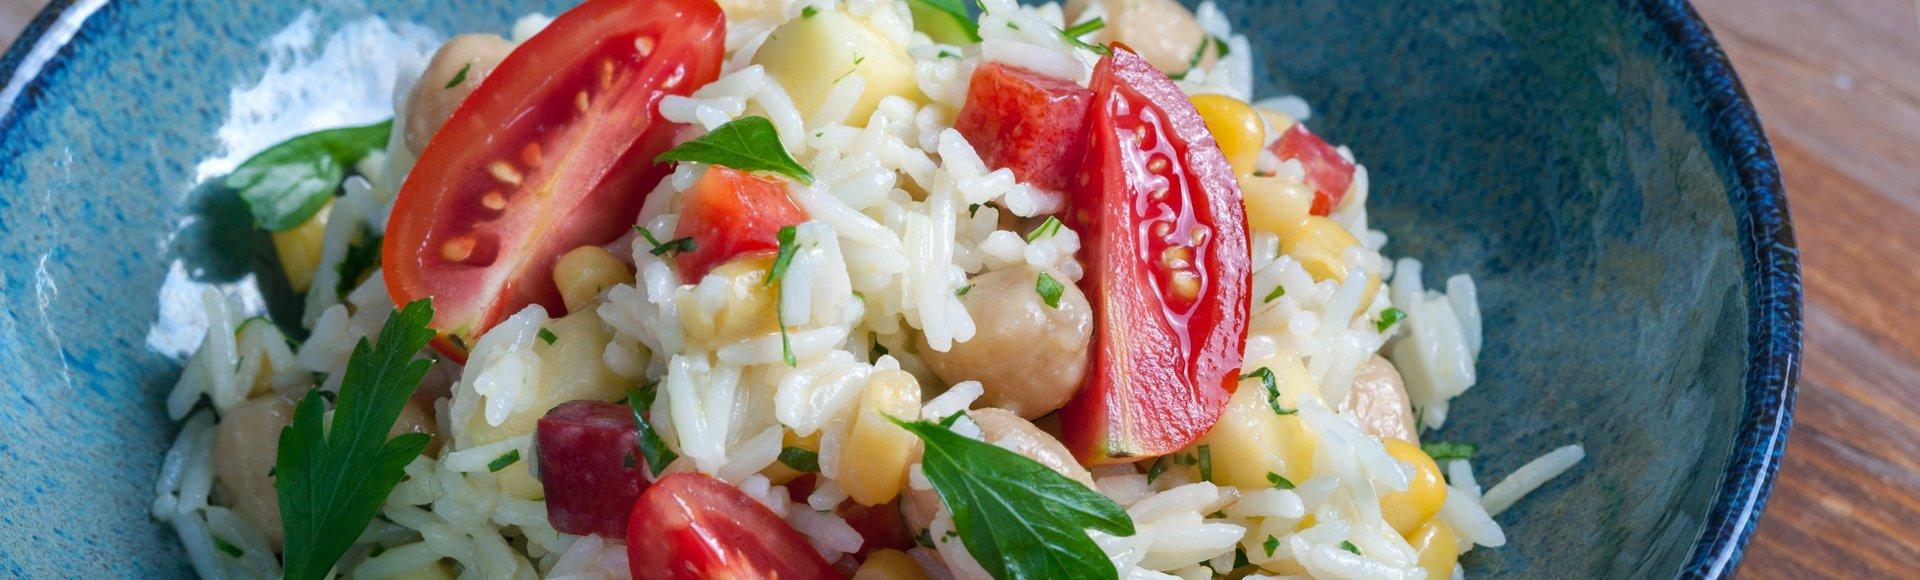 Ρυζοσαλάτα με ρεβύθια και βινεγκρέτ με μάνγκο, λάιμ και κύμινο